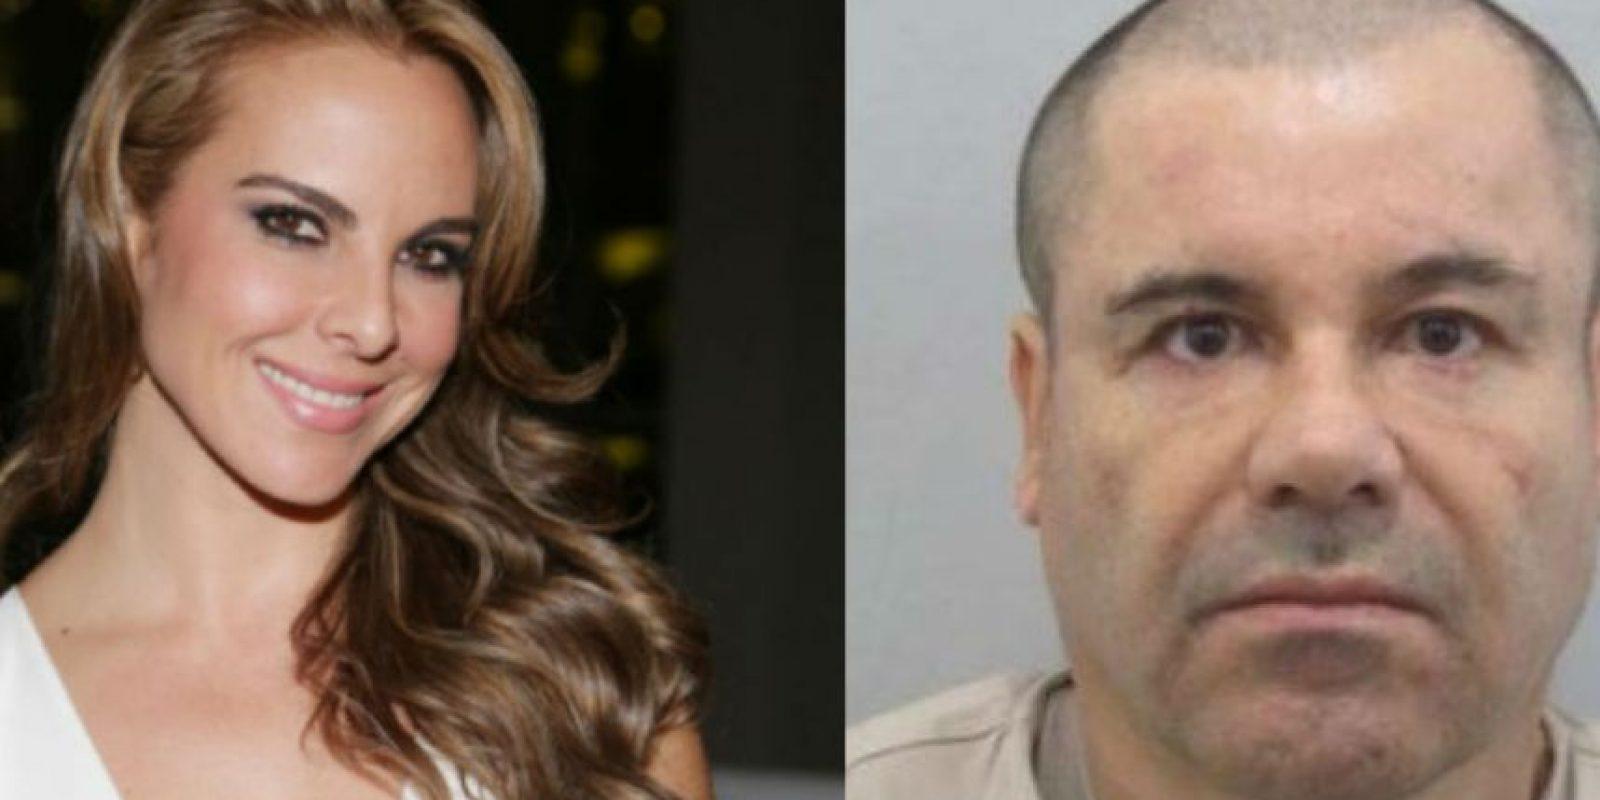 """Un virus en Facebook muestra un supuesto video sexual de Kate del Castillo y """"El Chapo"""" Guzmán. Foto:Especial"""